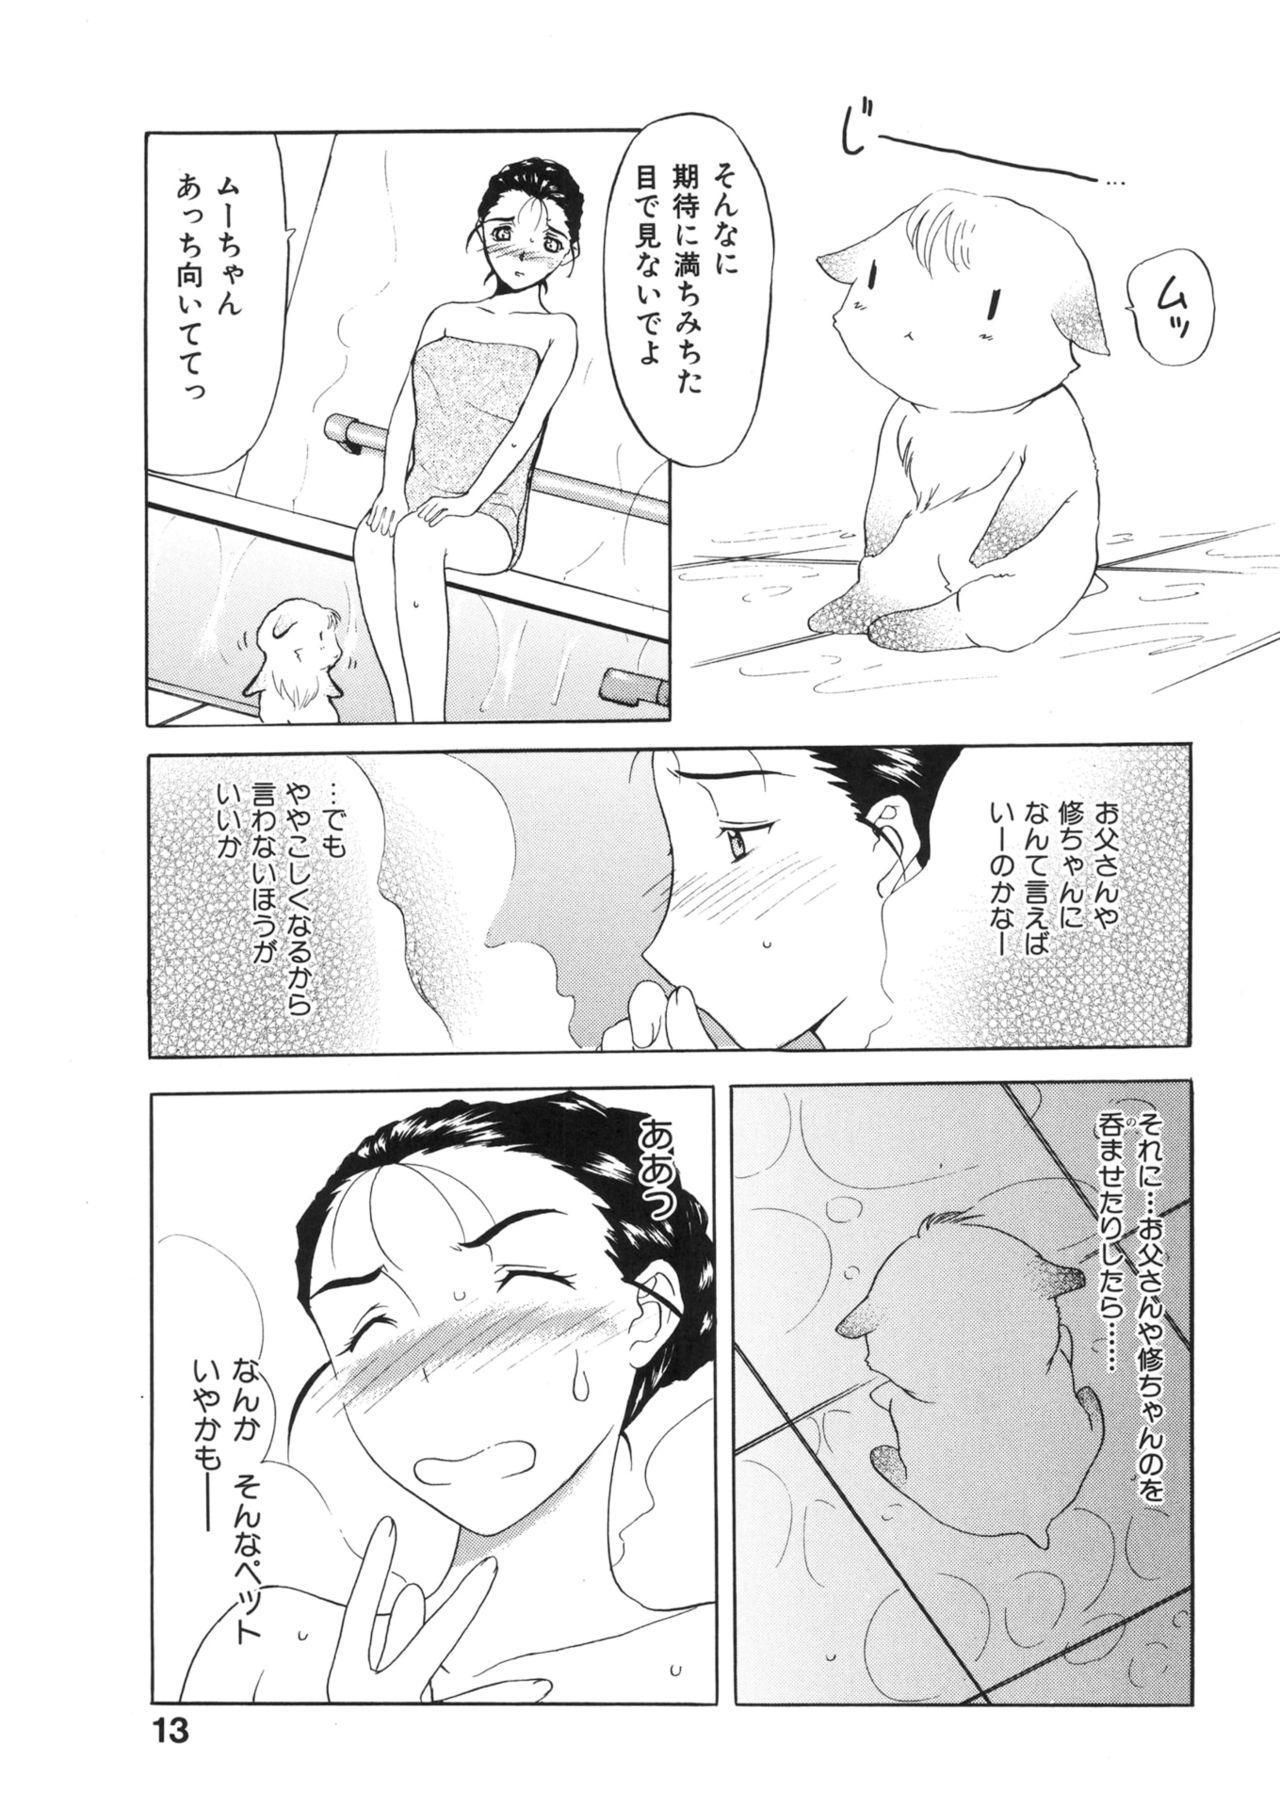 COMIC Kairakuten 25 Shuunen kinen tokubetsugou 76